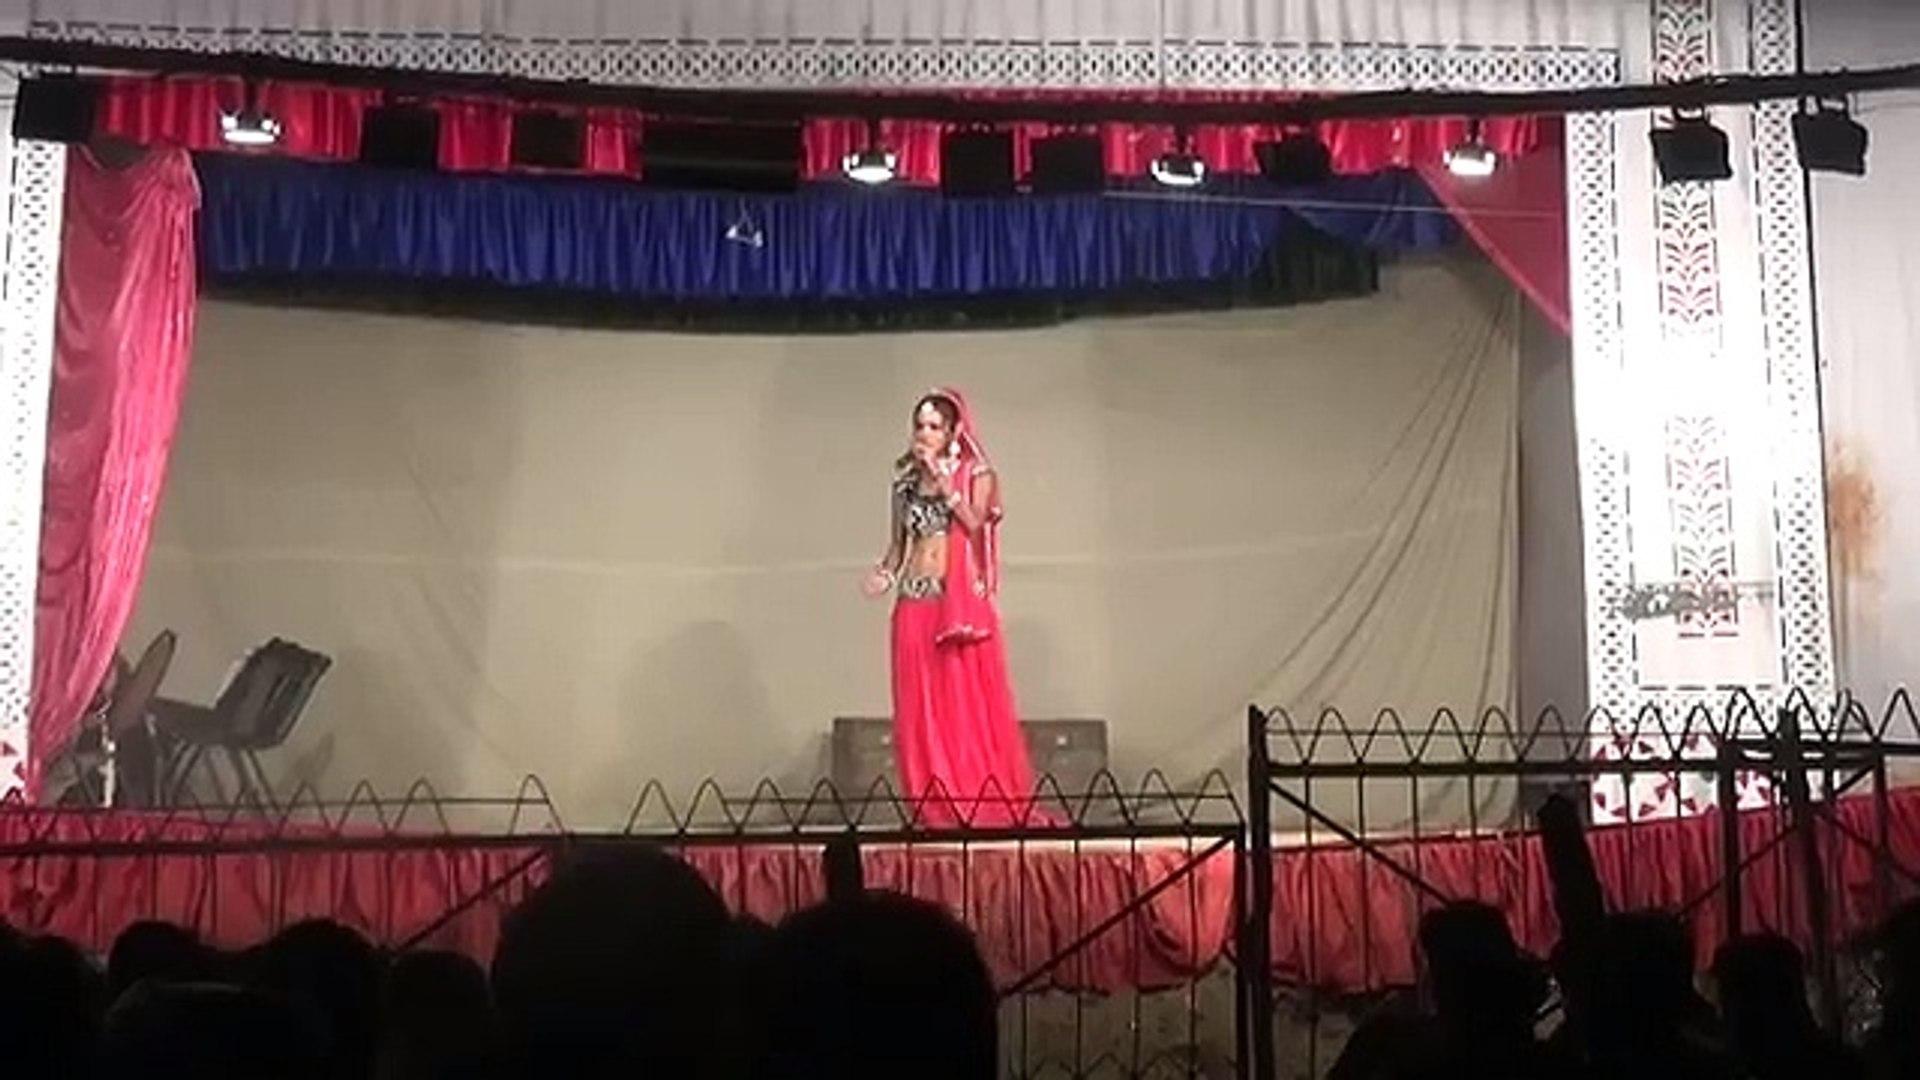 SINGING 'मिलने की तुम कोशिश करना वादा कभी ना करना' MELA GOVIND SAHAB 2016 DECEMBER